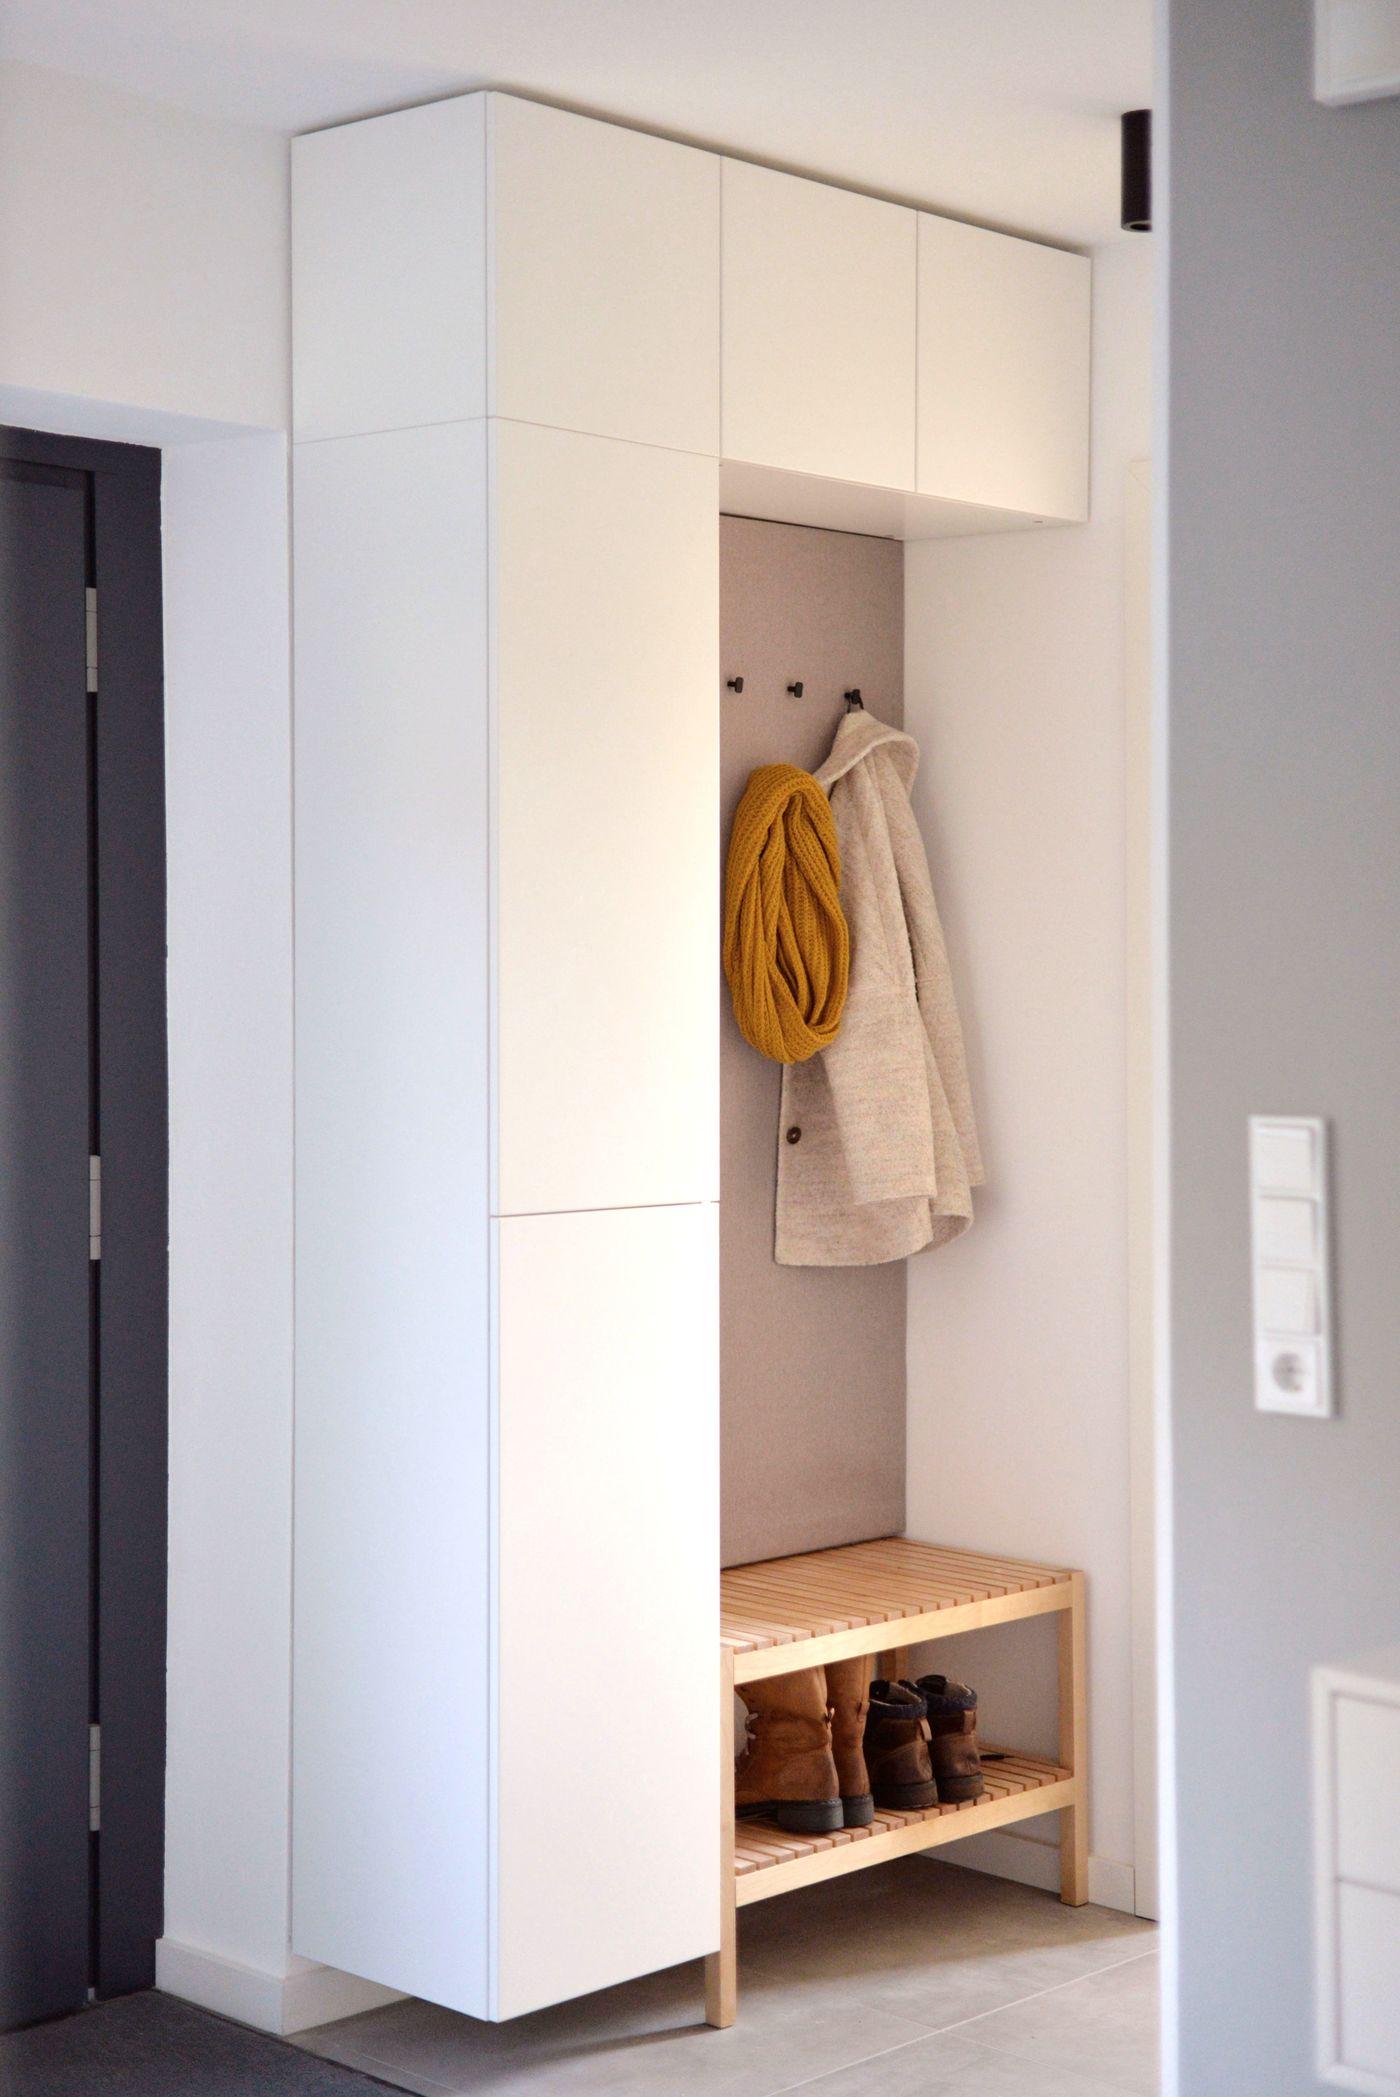 Full Size of Ikea Hacks Aufbewahrung 6 Praktische Fr Den Flur Solebichde Küche Kosten Aufbewahrungssystem Betten Bei Aufbewahrungsbox Garten Bett Mit Wohnzimmer Ikea Hacks Aufbewahrung